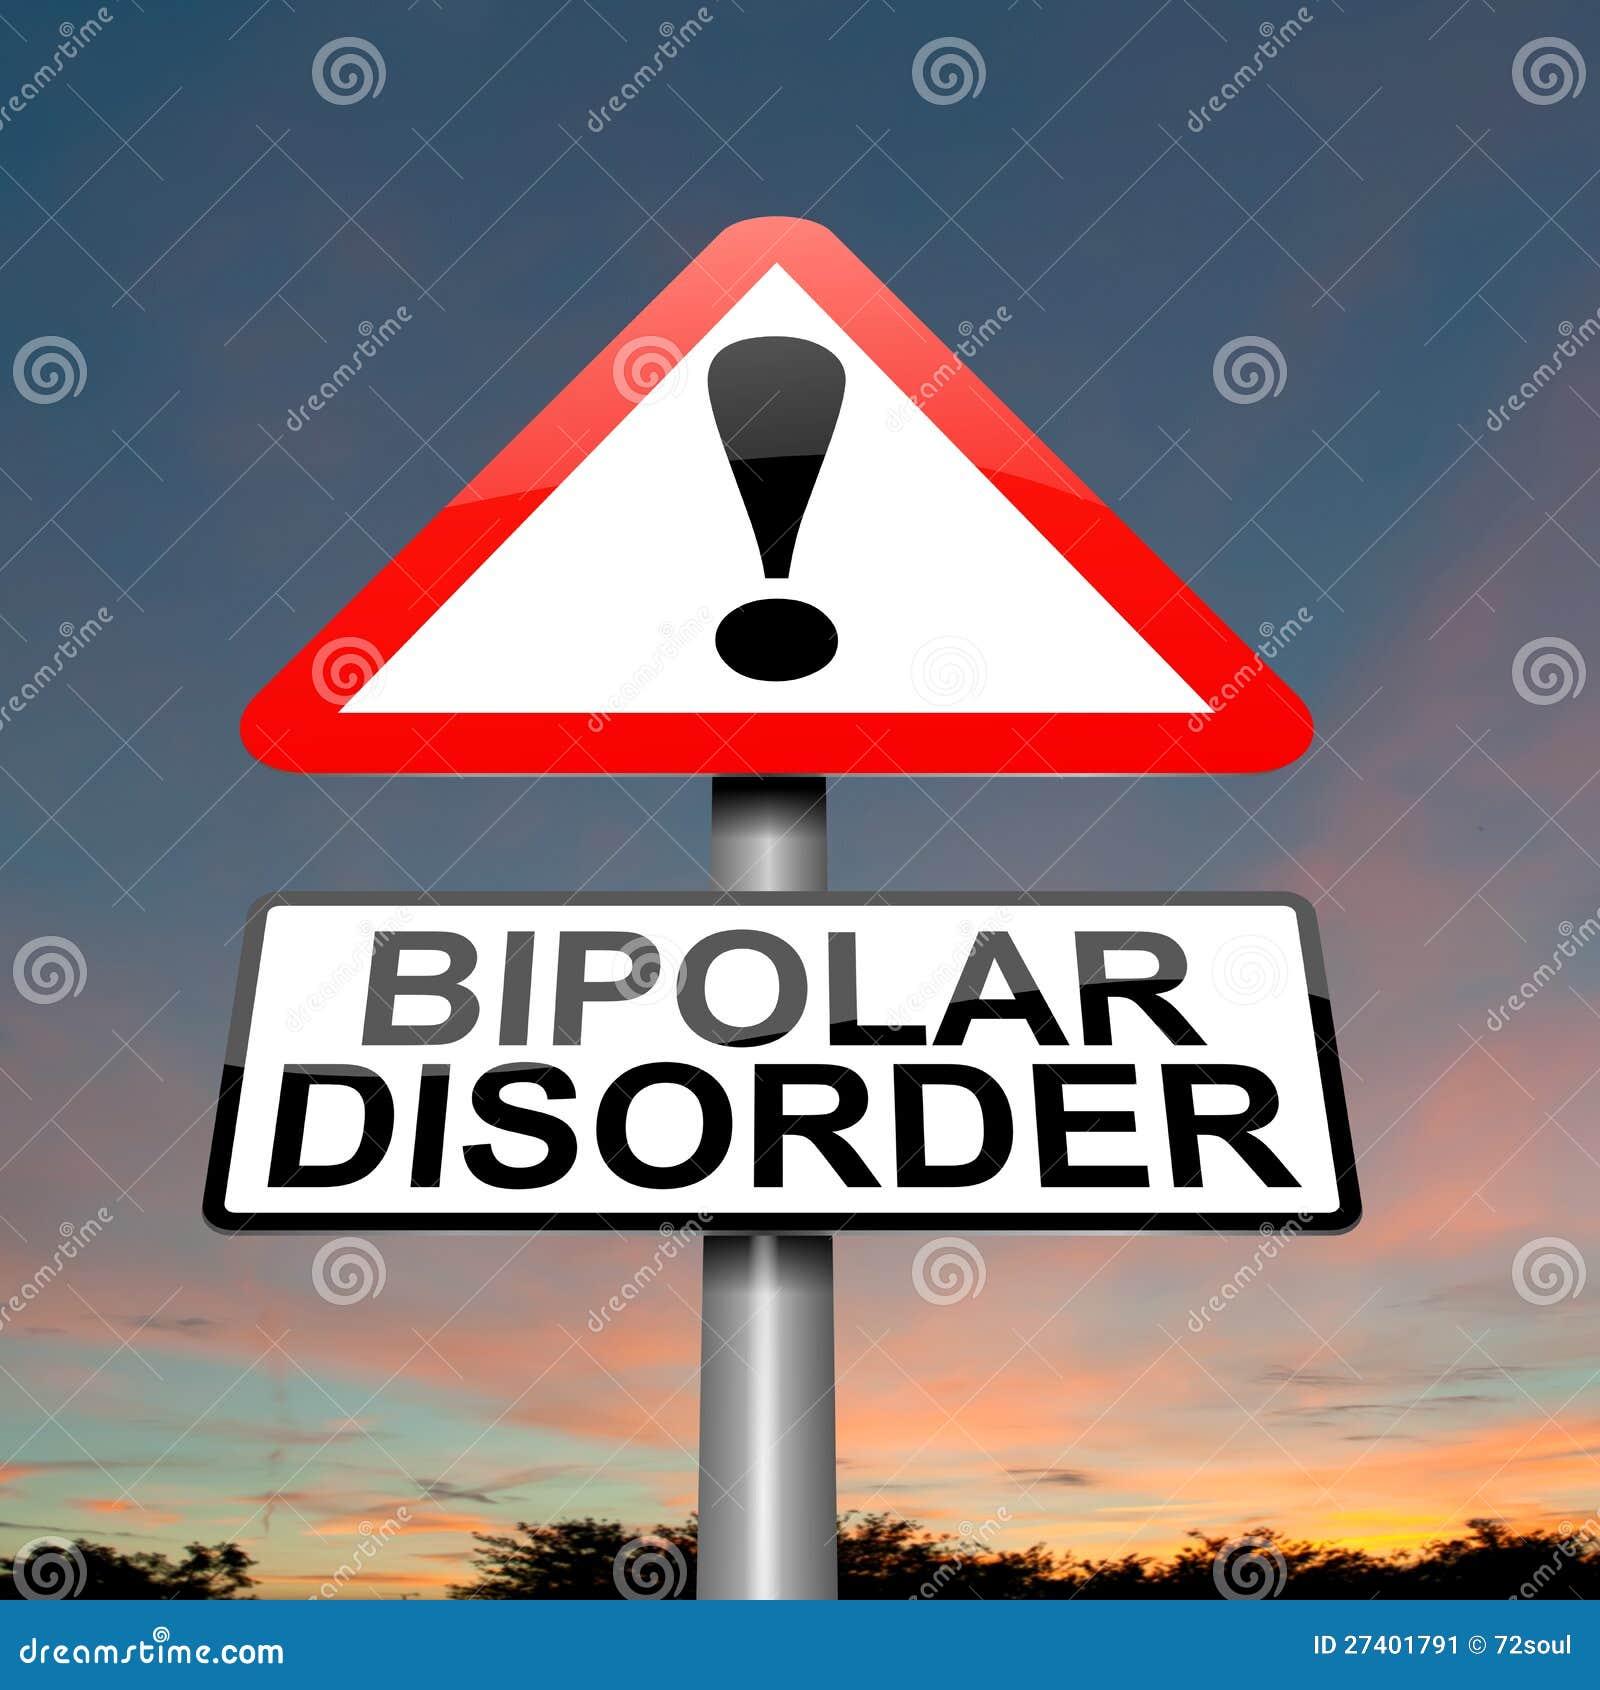 Saiba mais sobre desordem bipolar